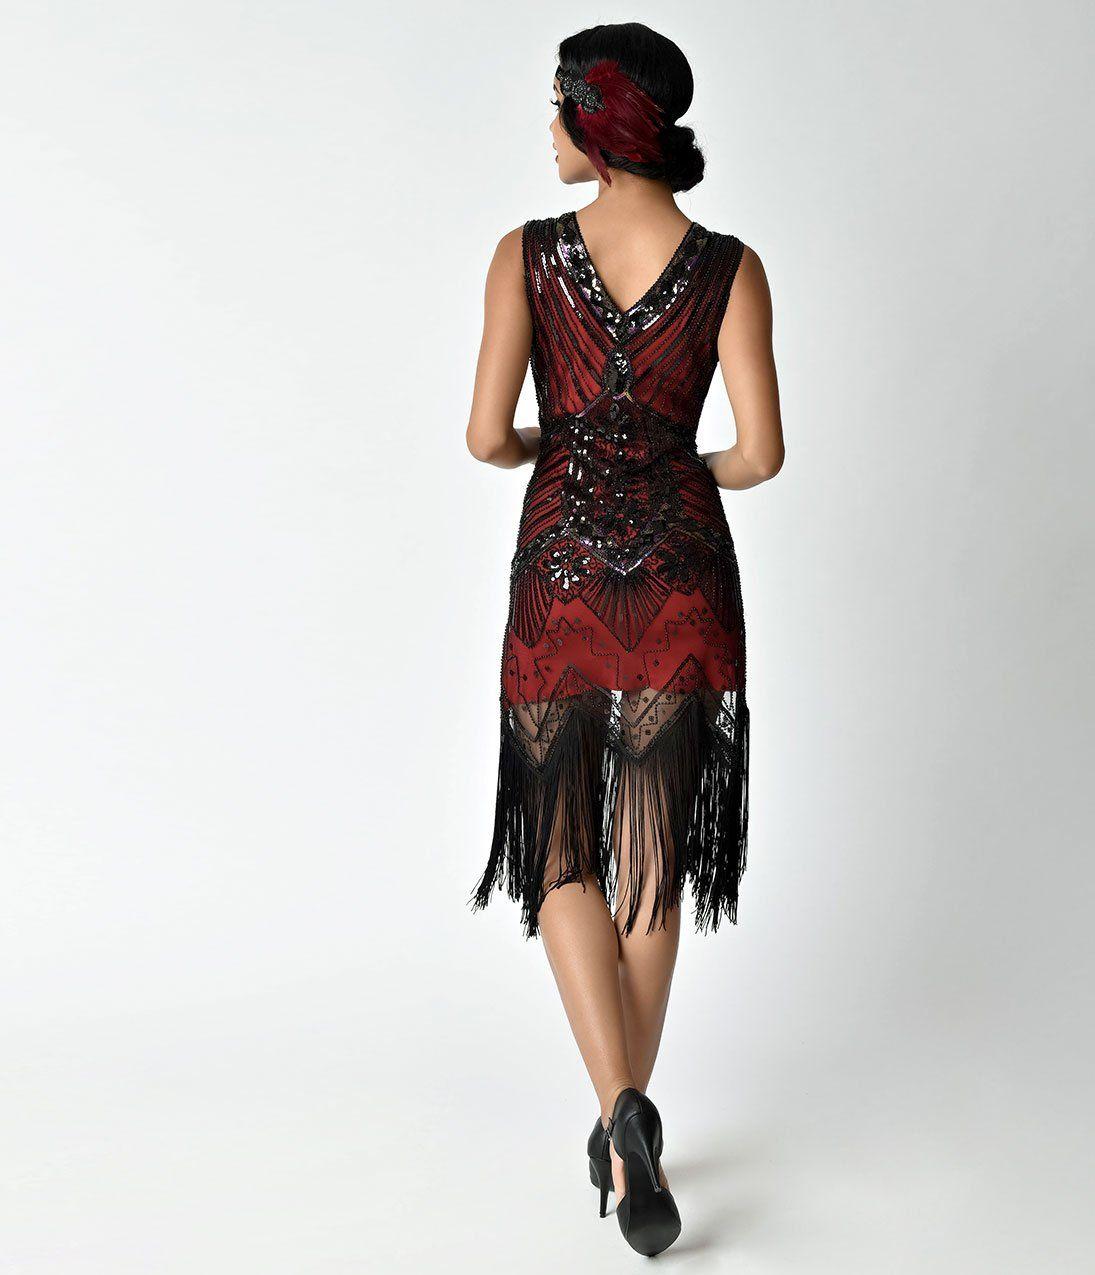 d1a5b149ed0a94 Unique Vintage 1920s Deco Red & Black Veronique Fringe Flapper Dress ...